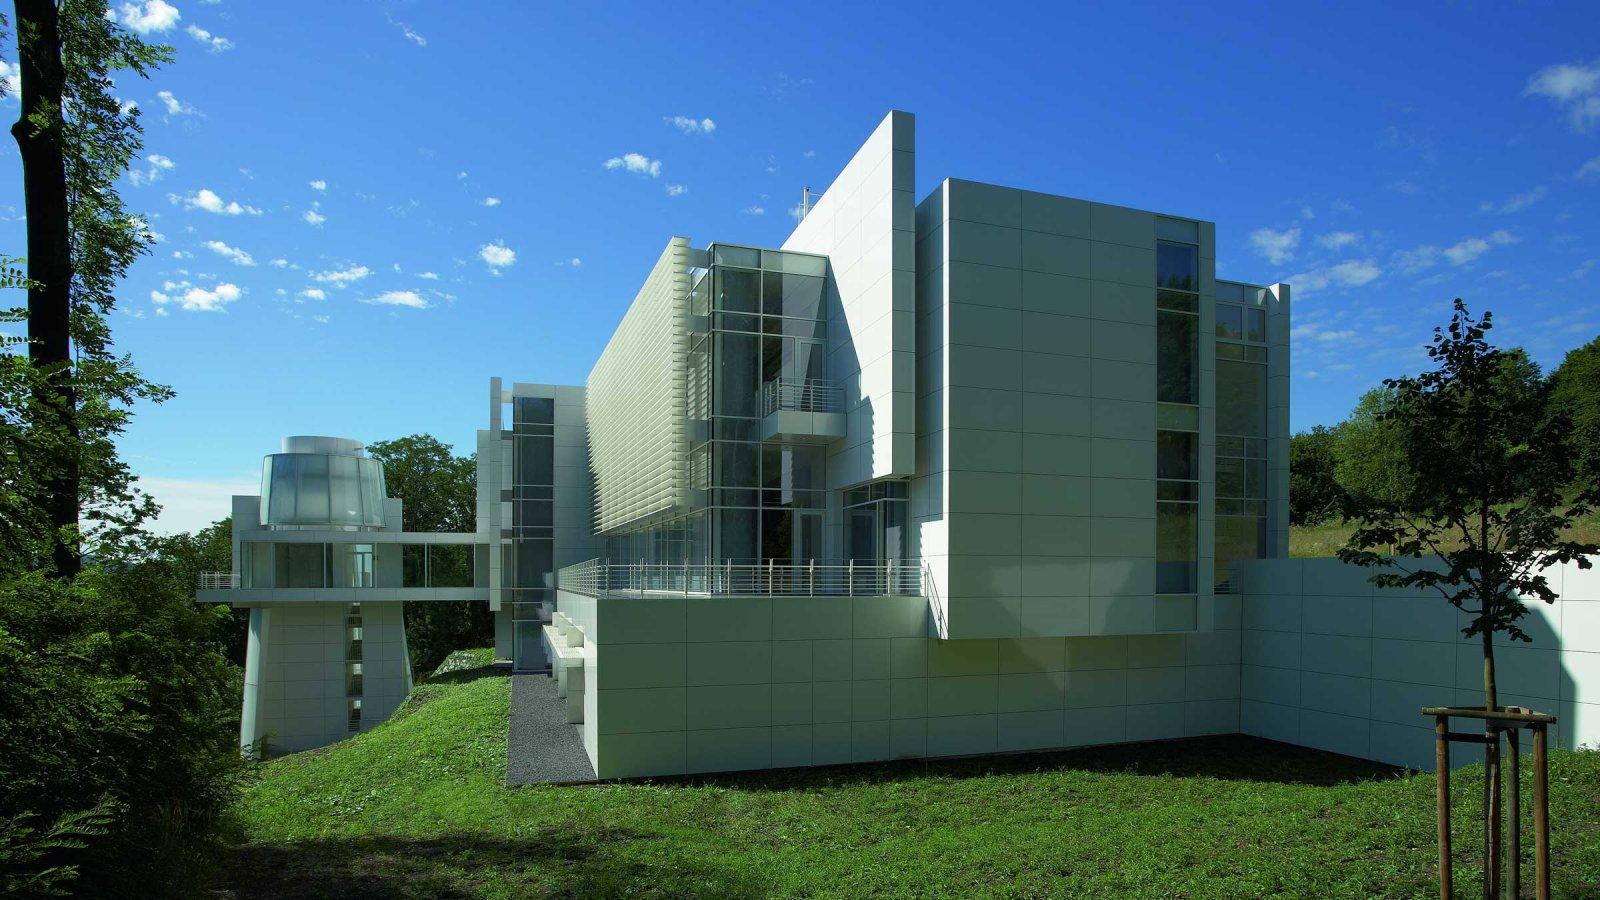 Der Neubau während der Eröffnung der Ausstellung